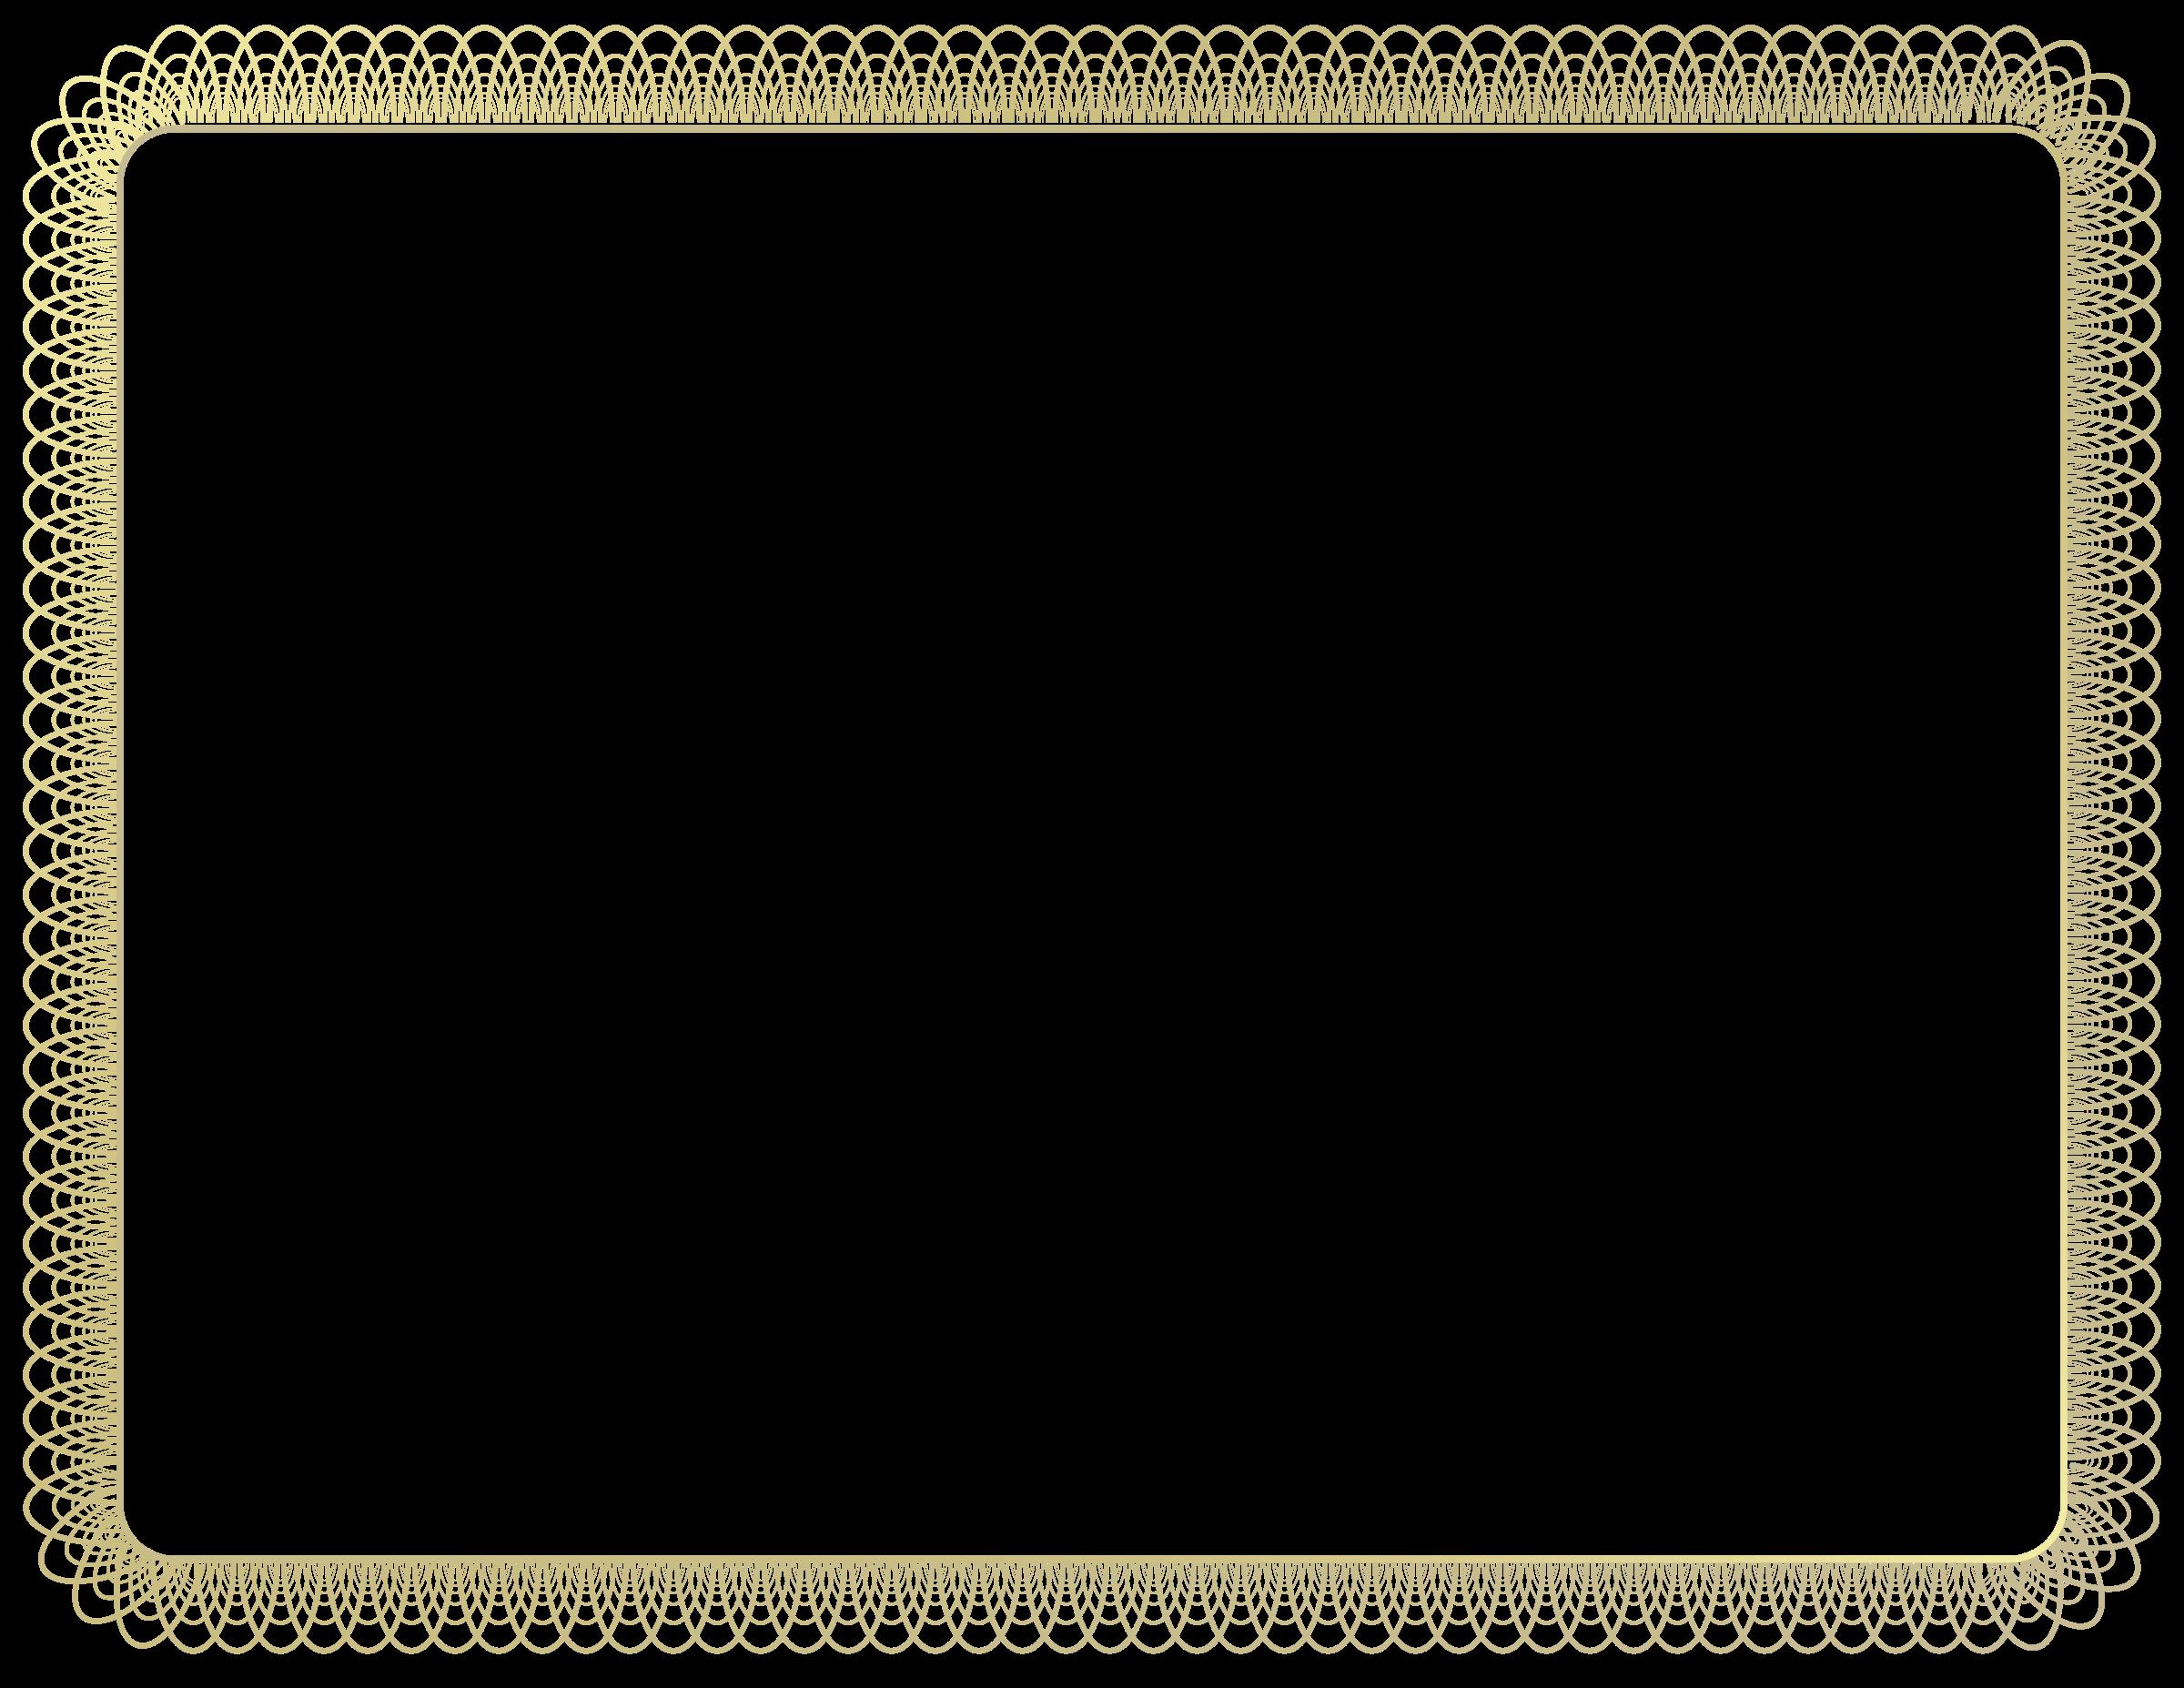 banner freeuse download Certificate clipart svg. Border big image png.